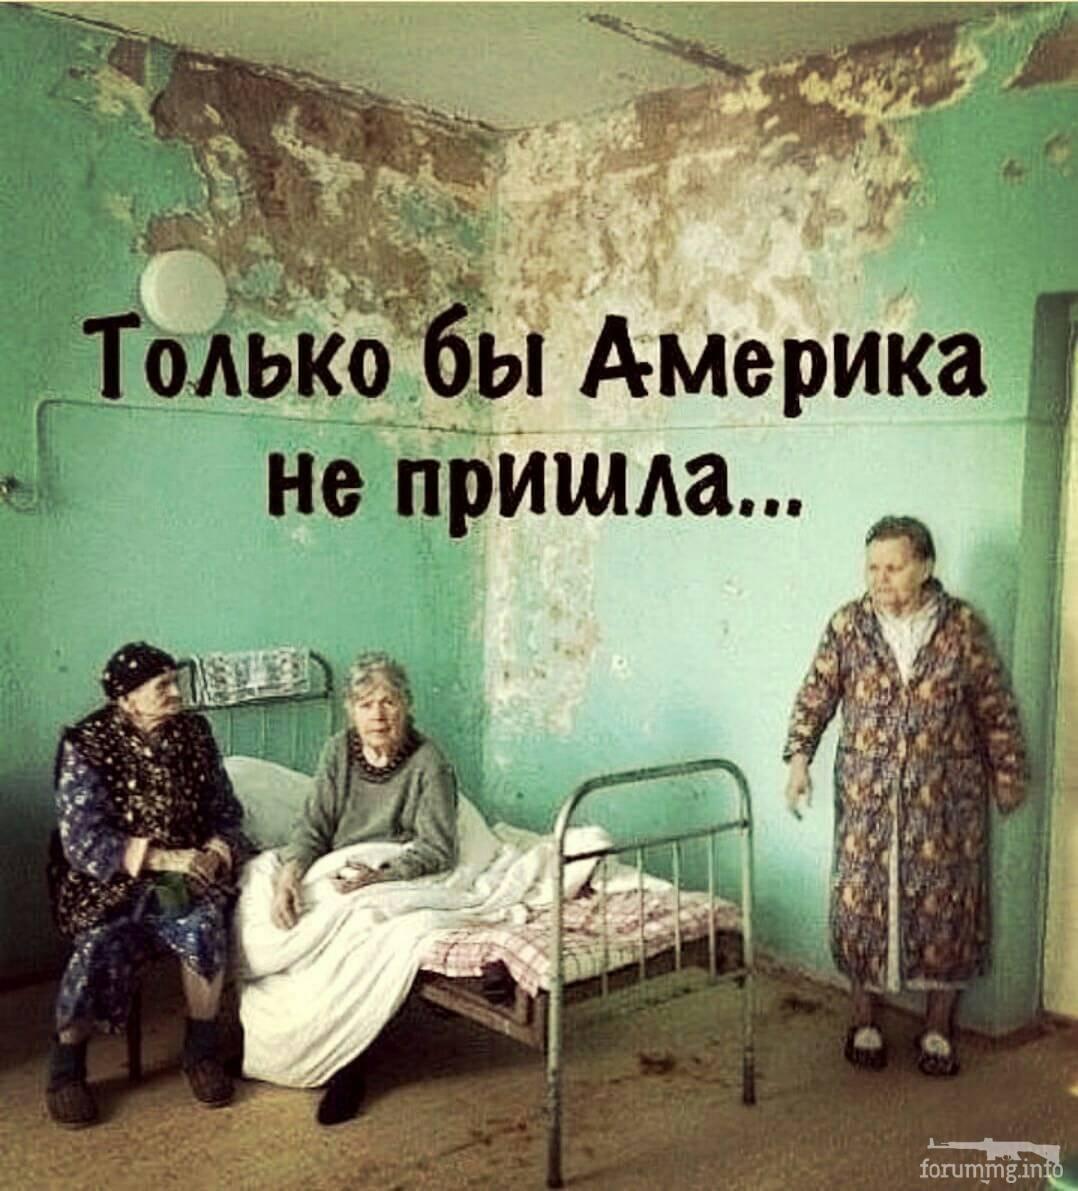 114594 - А в России чудеса!